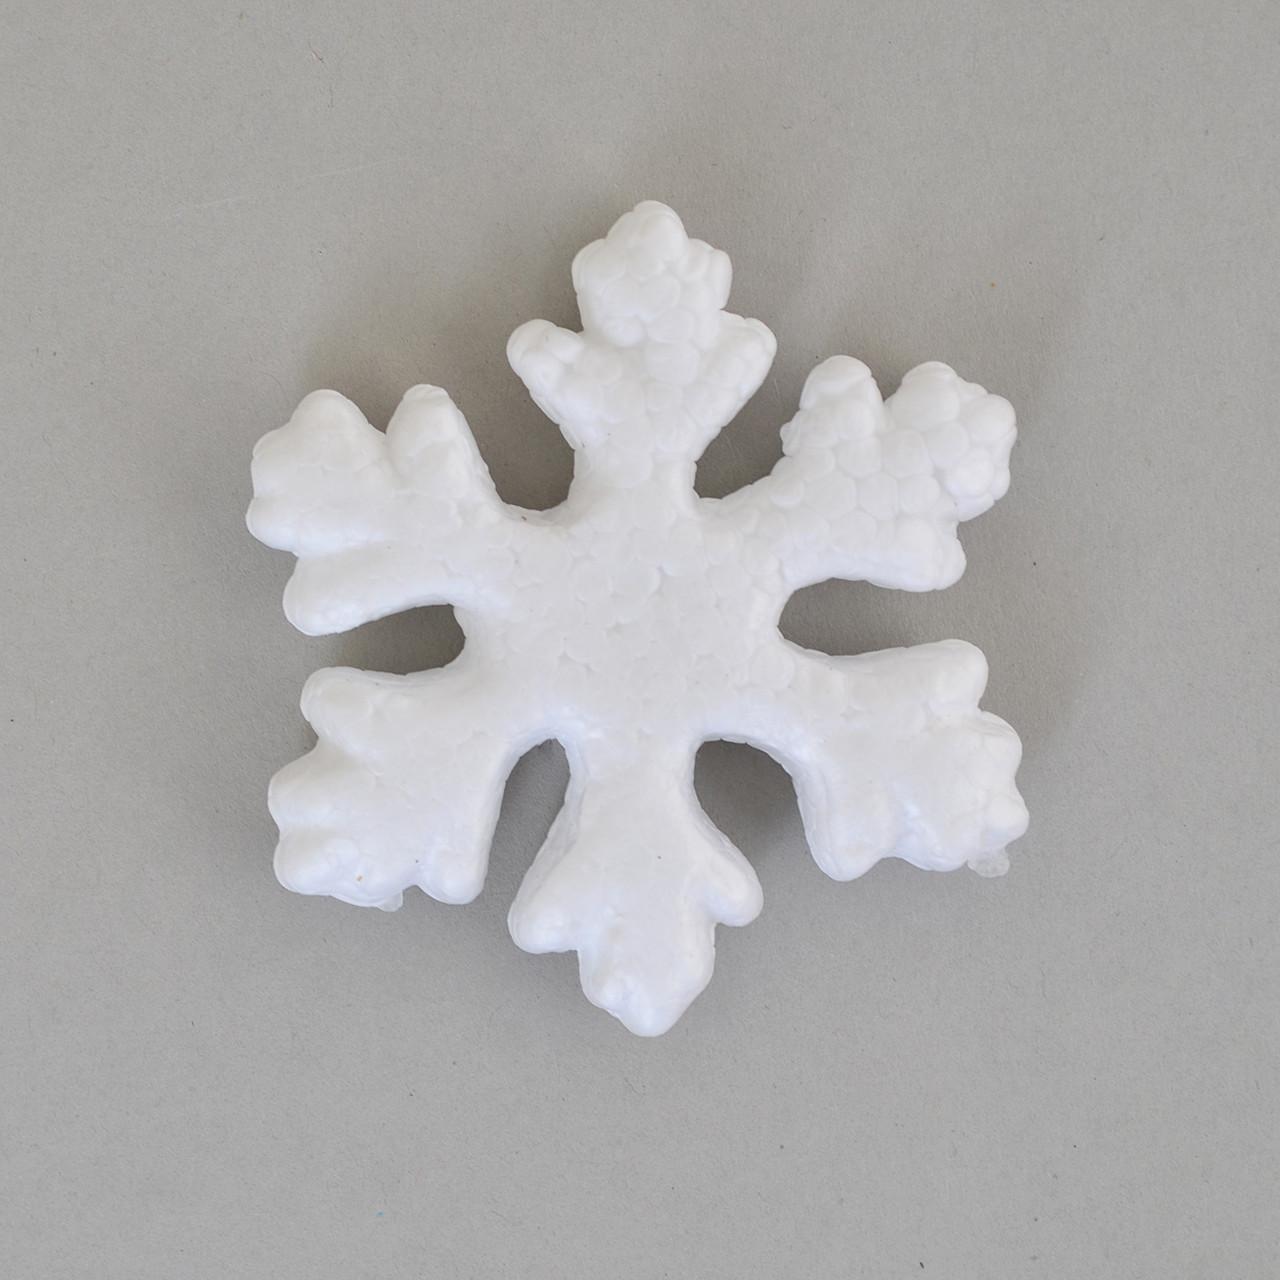 Объемные снежинки из бумаги своими руками на новый год: фото, идеи 2019